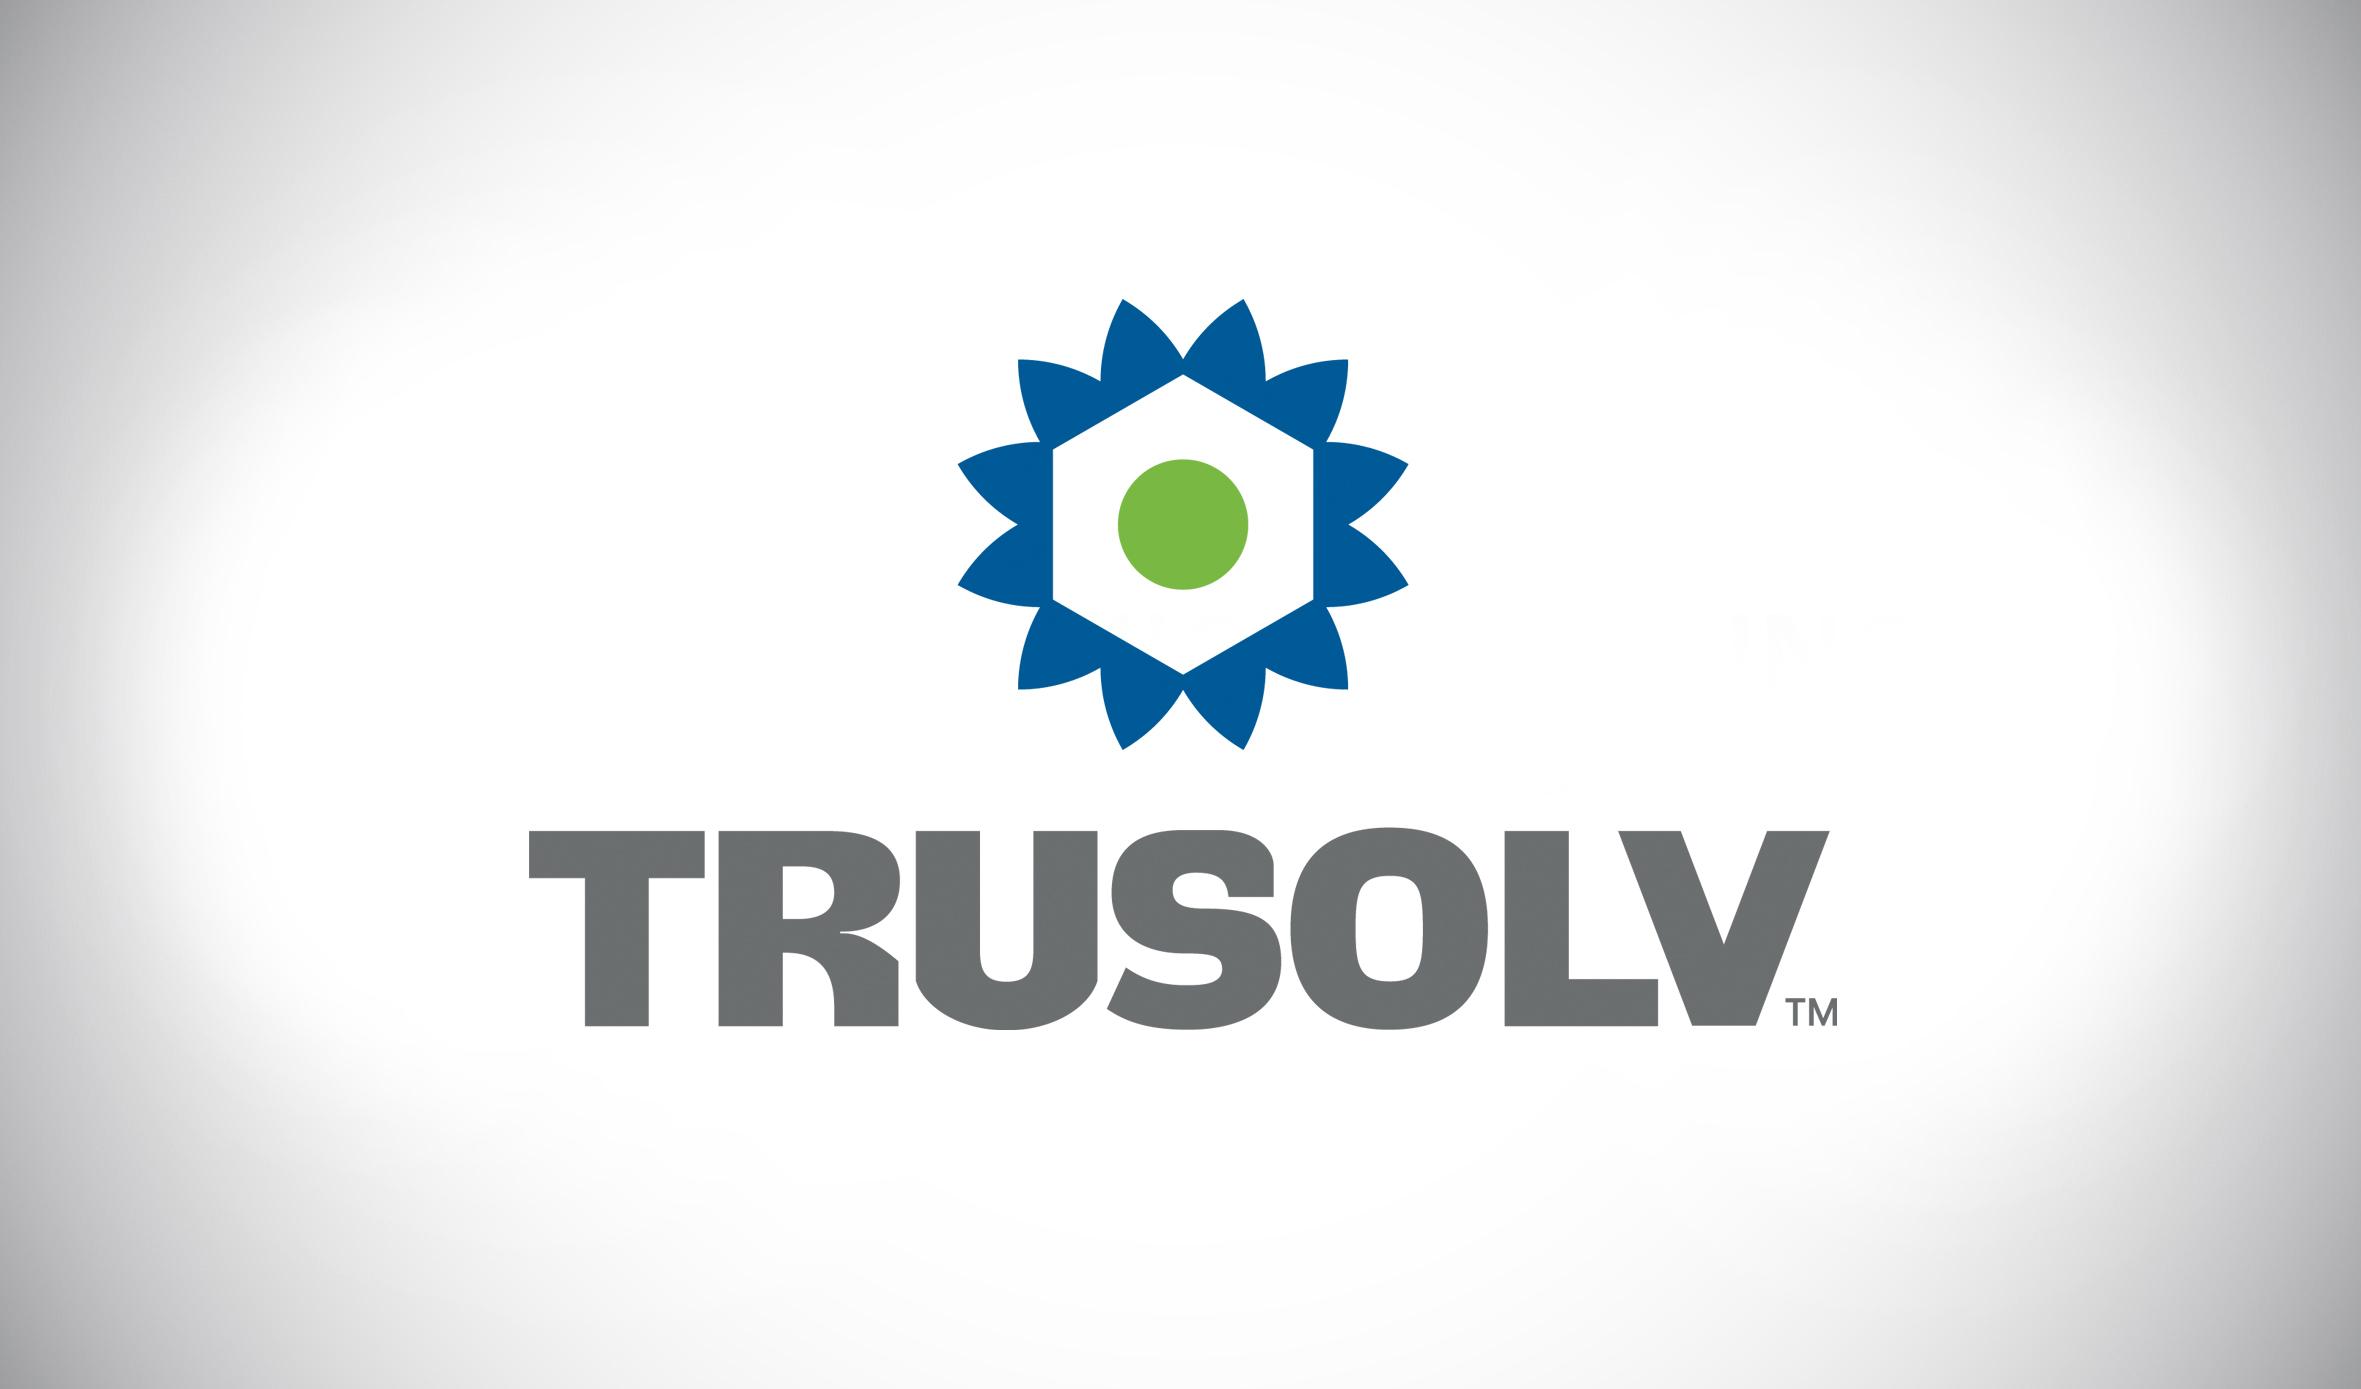 TruSolv_2.jpg